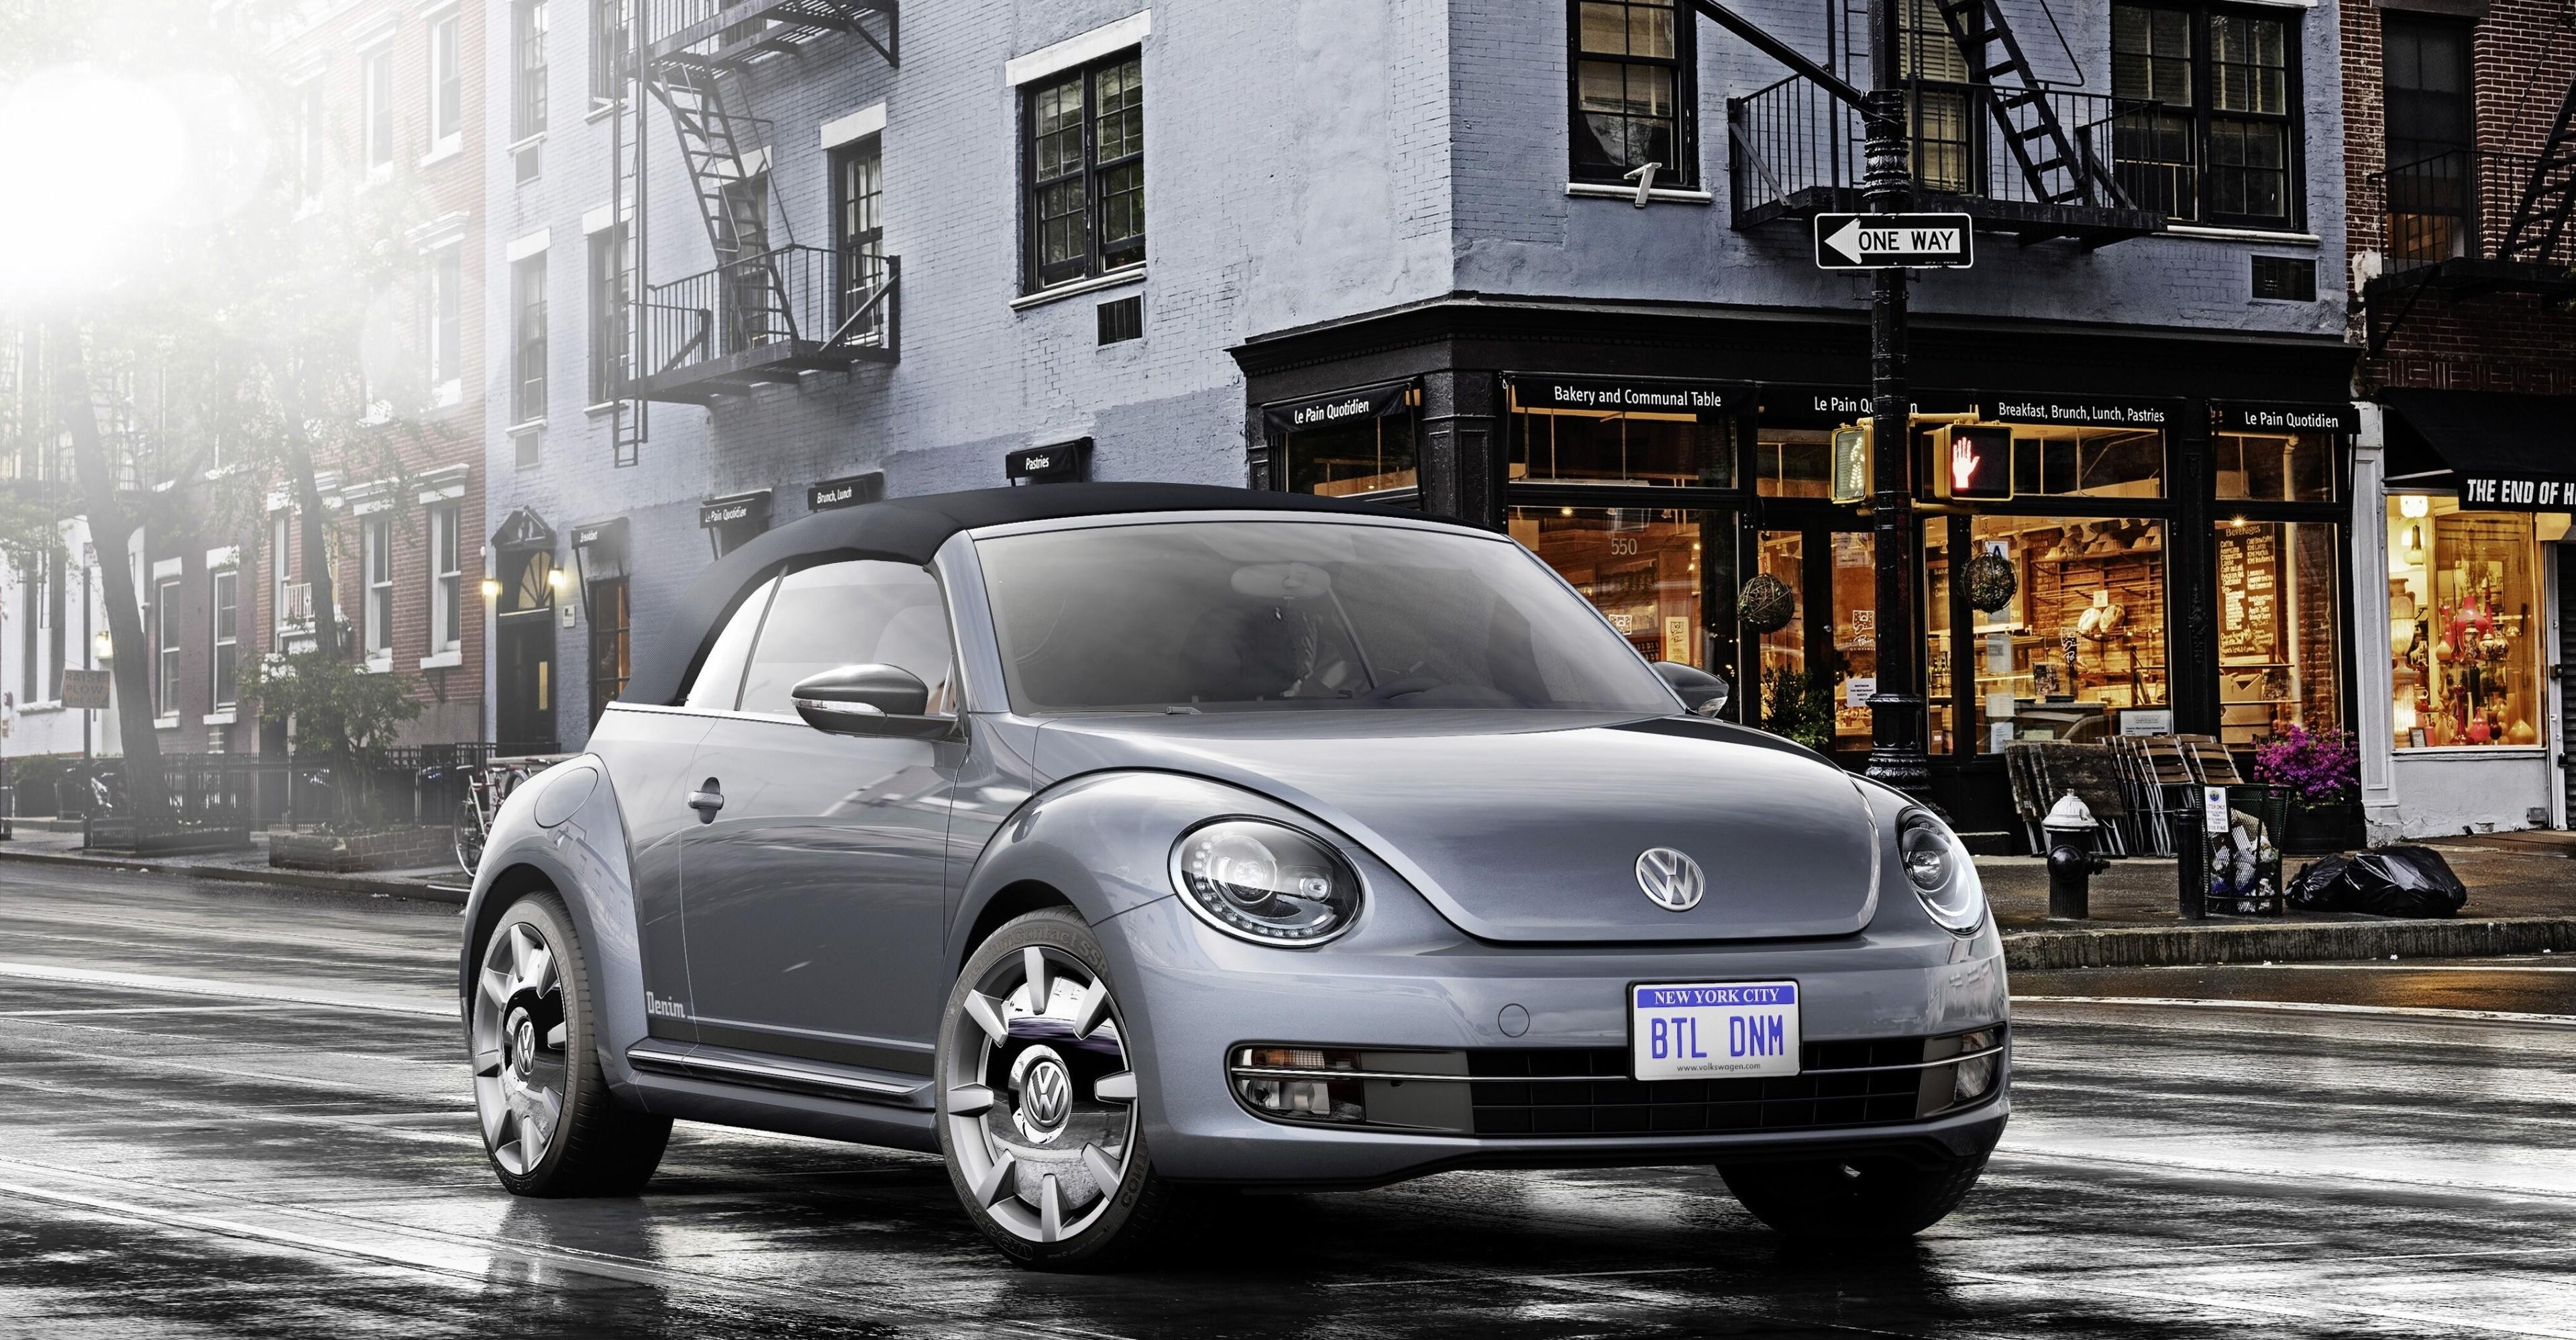 Volkswagen Beetle Wallpapers 74 Images